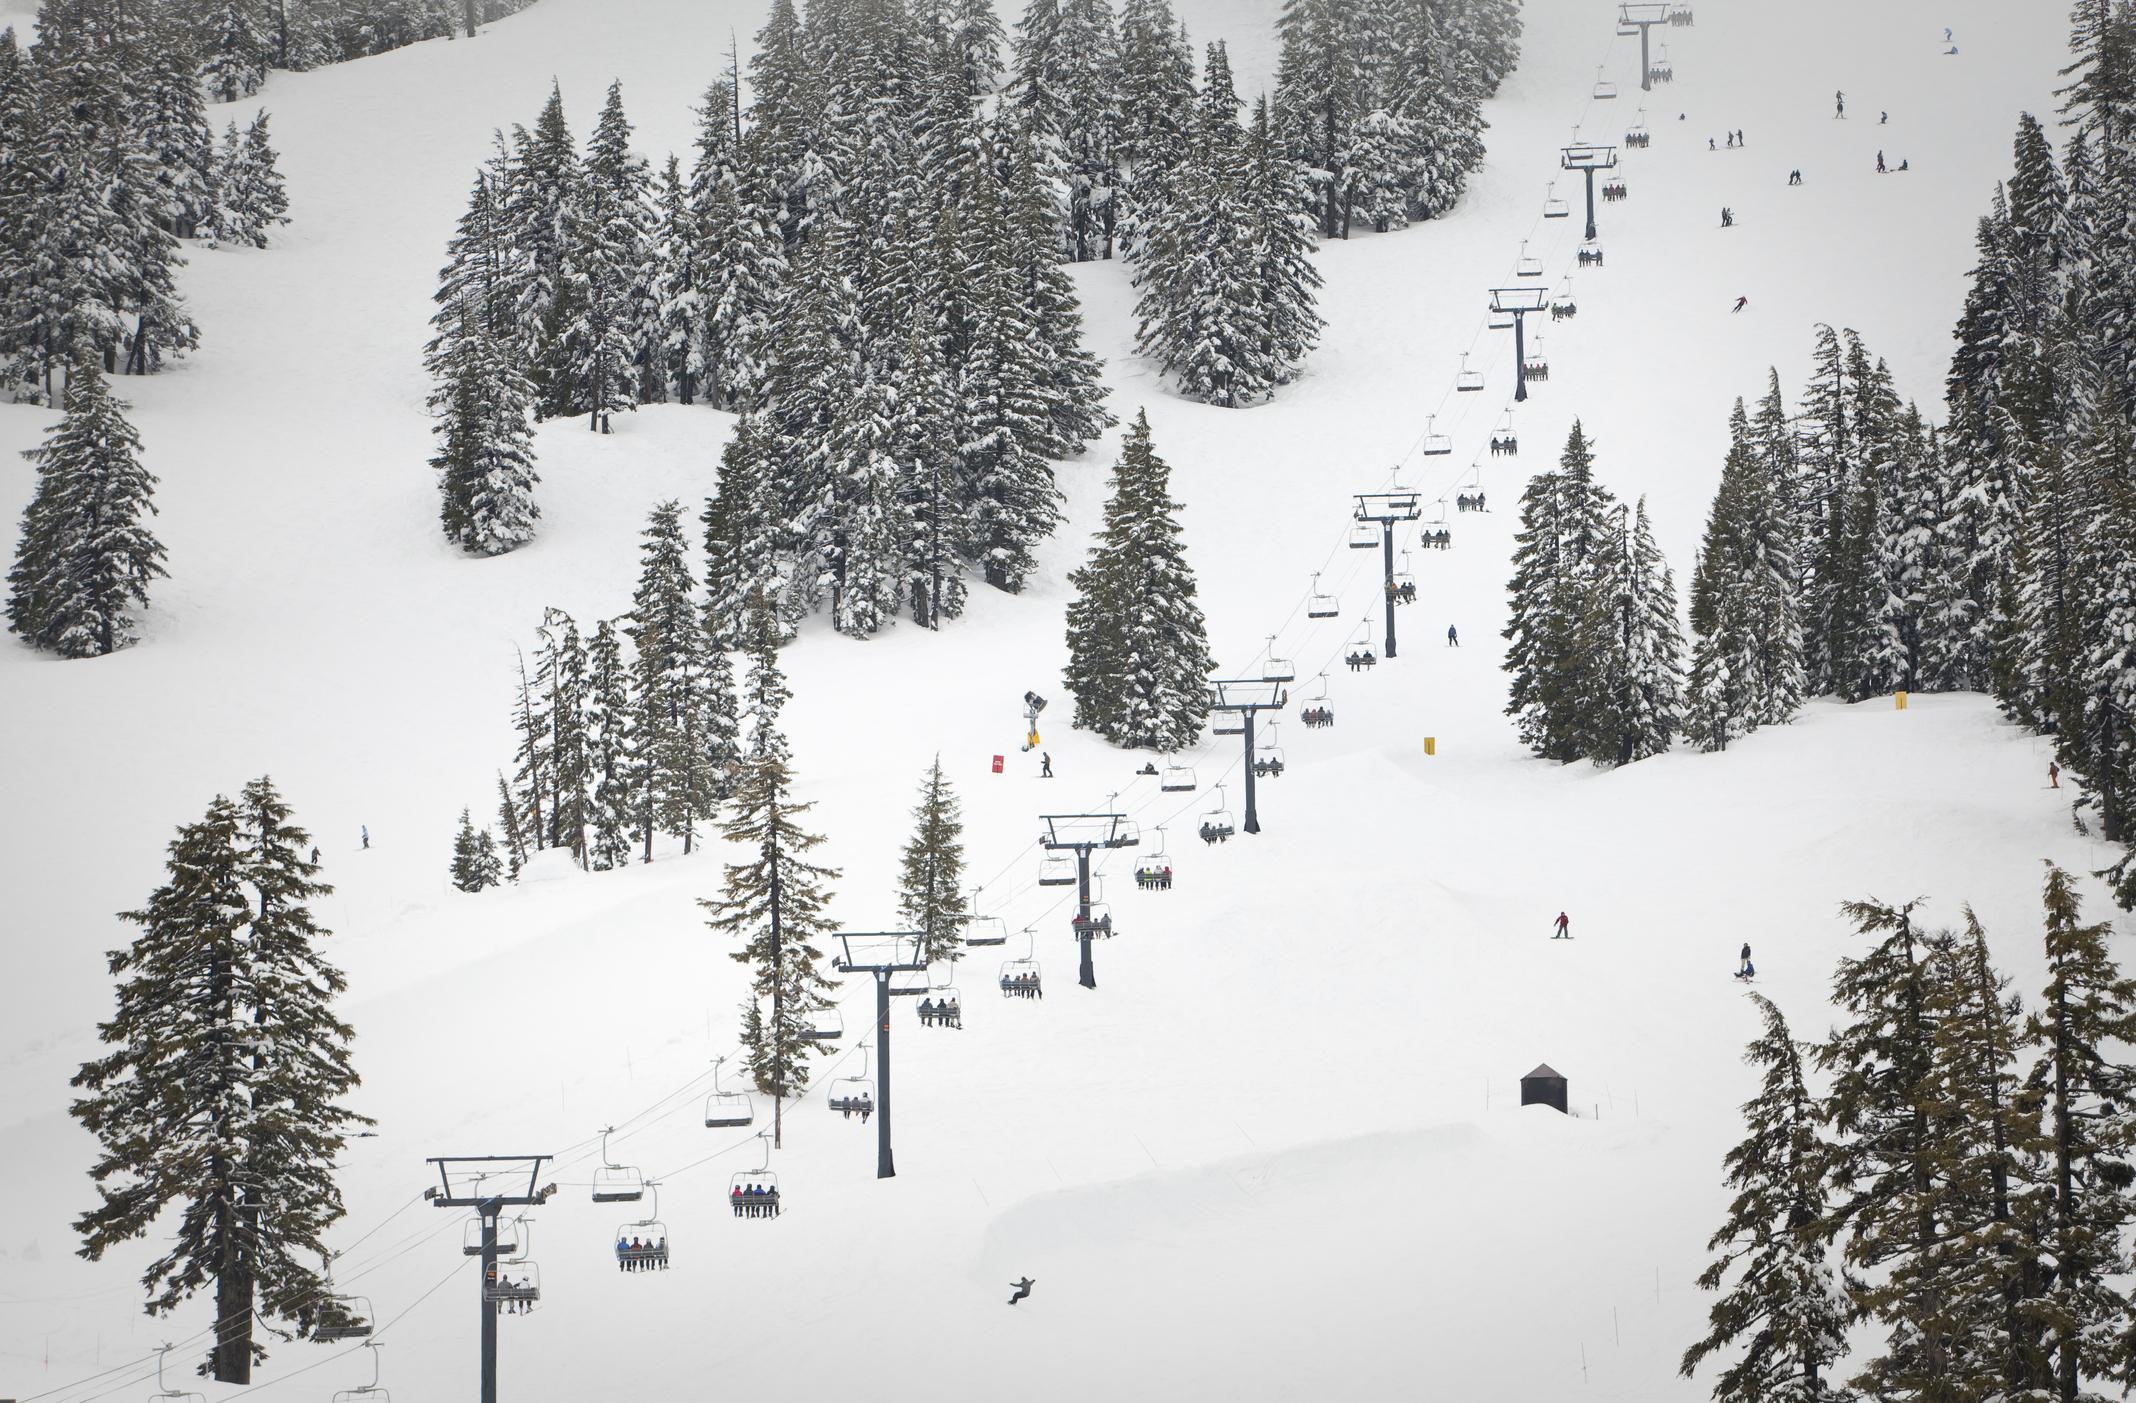 A busy ski lift ascending a slope on a hazy day.